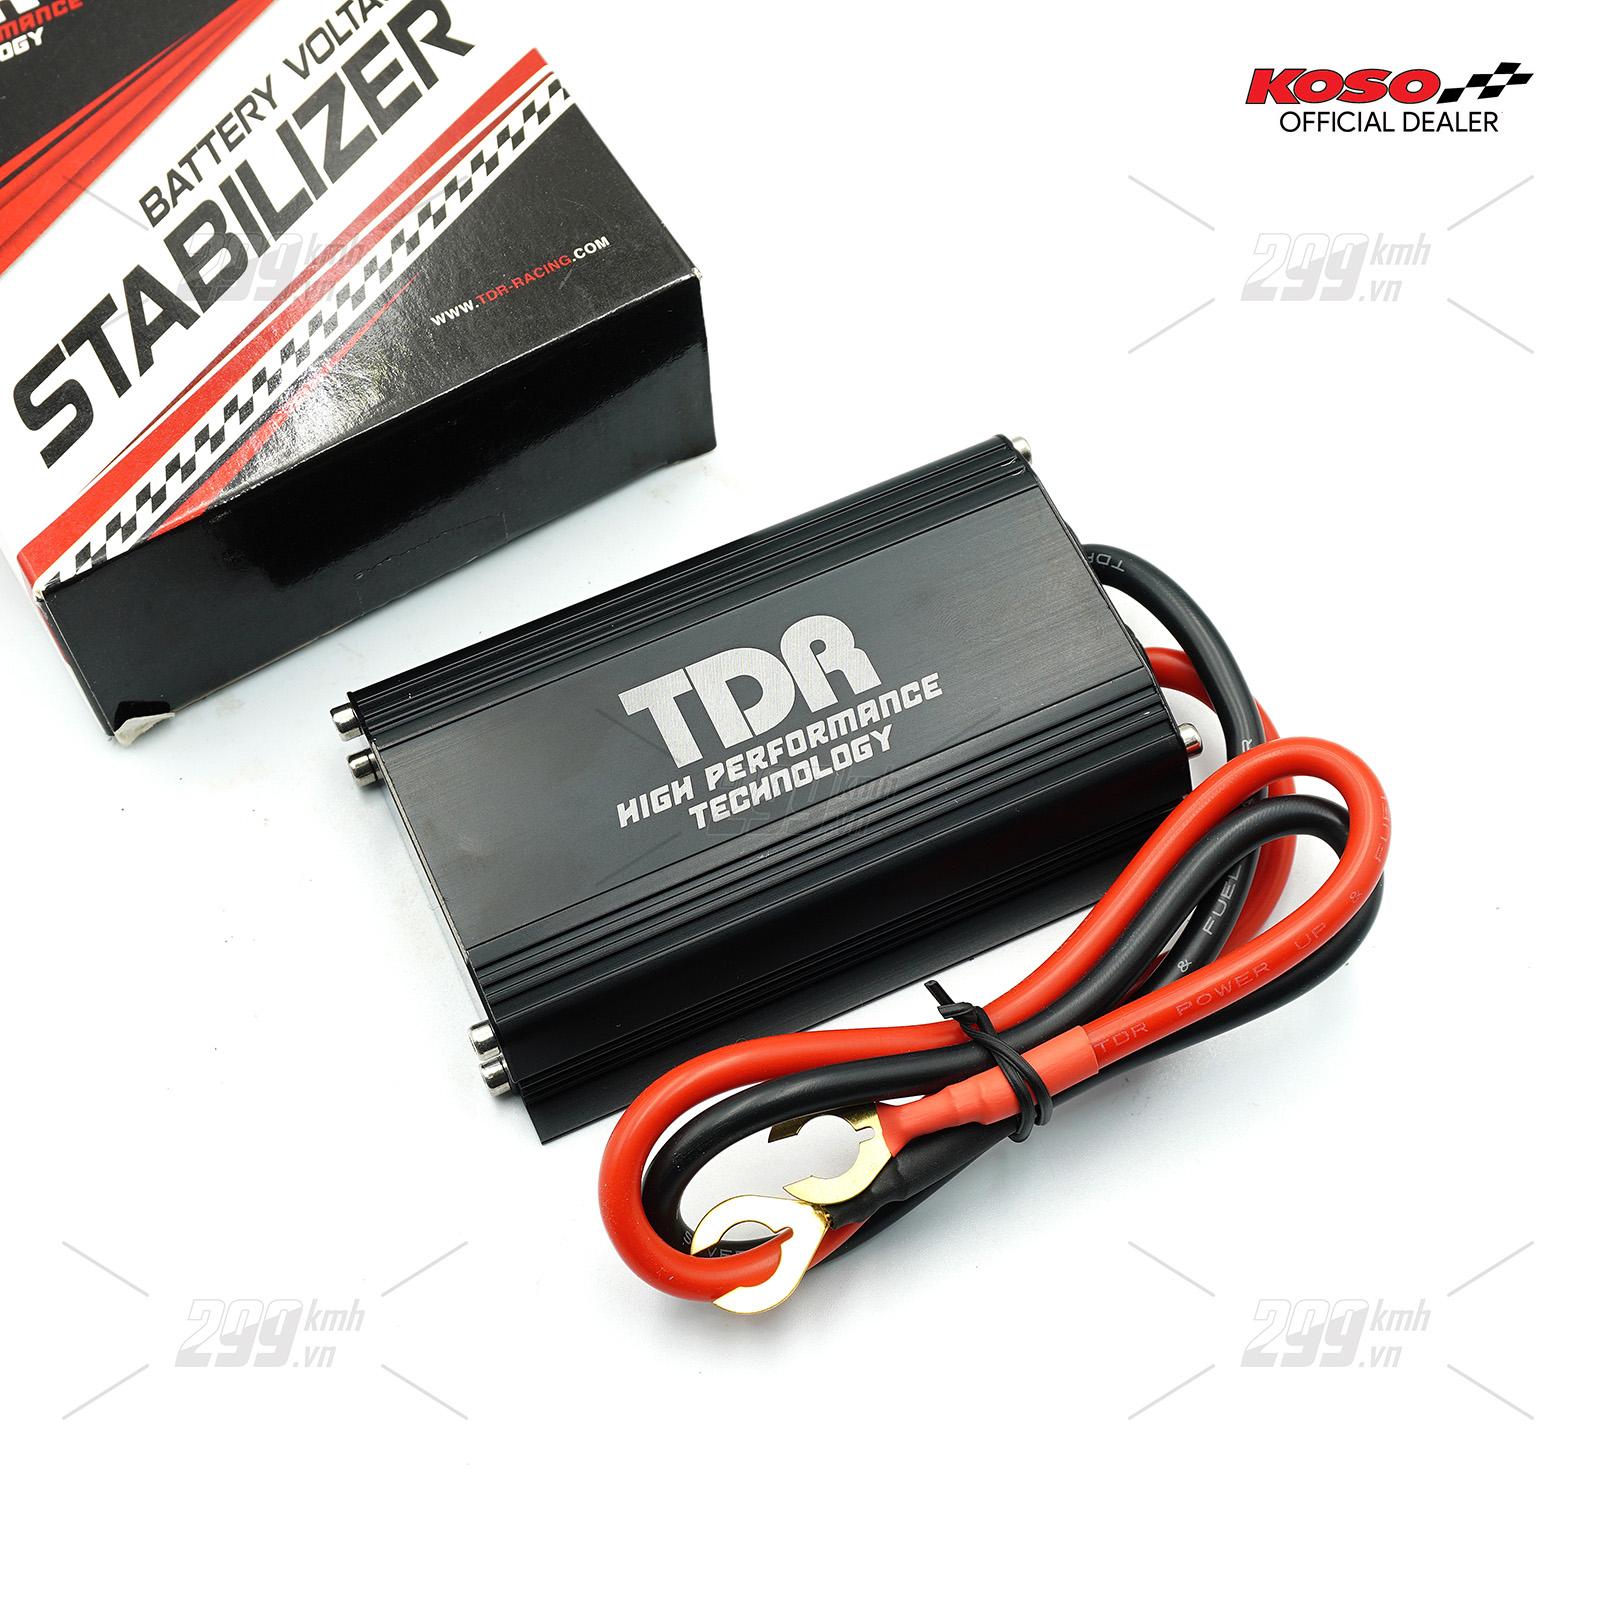 Thiết bị ổn áp bình ắc-quy 12V TDR Battery Stabilizer